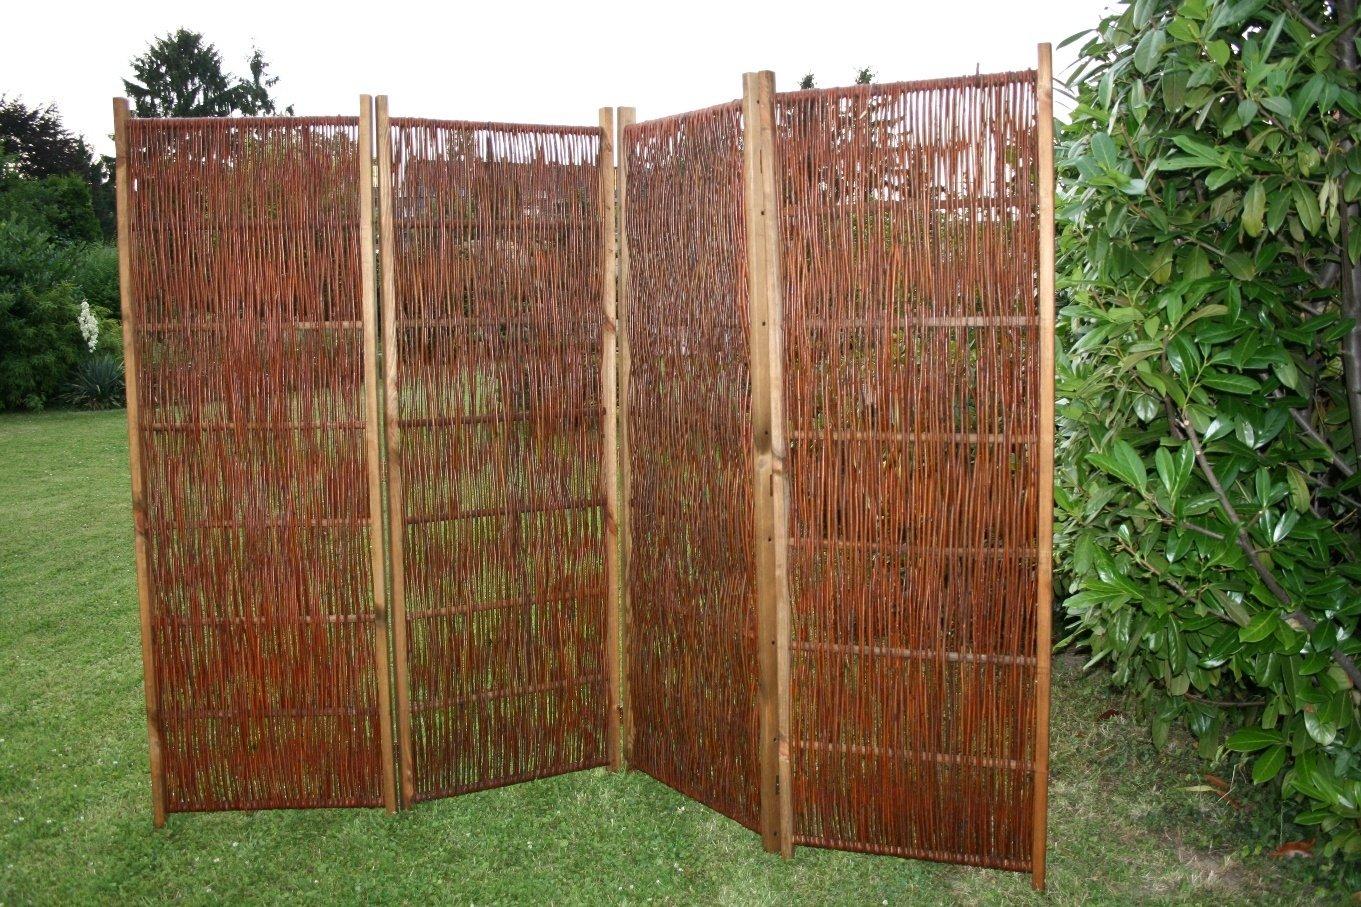 Full Size of Garten Paravent Selber Bauen Bauhaus Ikea Metall Wetterfest Hornbach Weide Bambus Holz Polyrattan Tisch Holzhaus Spaten Versicherung Spielhaus Mini Pool Garten Garten Paravent